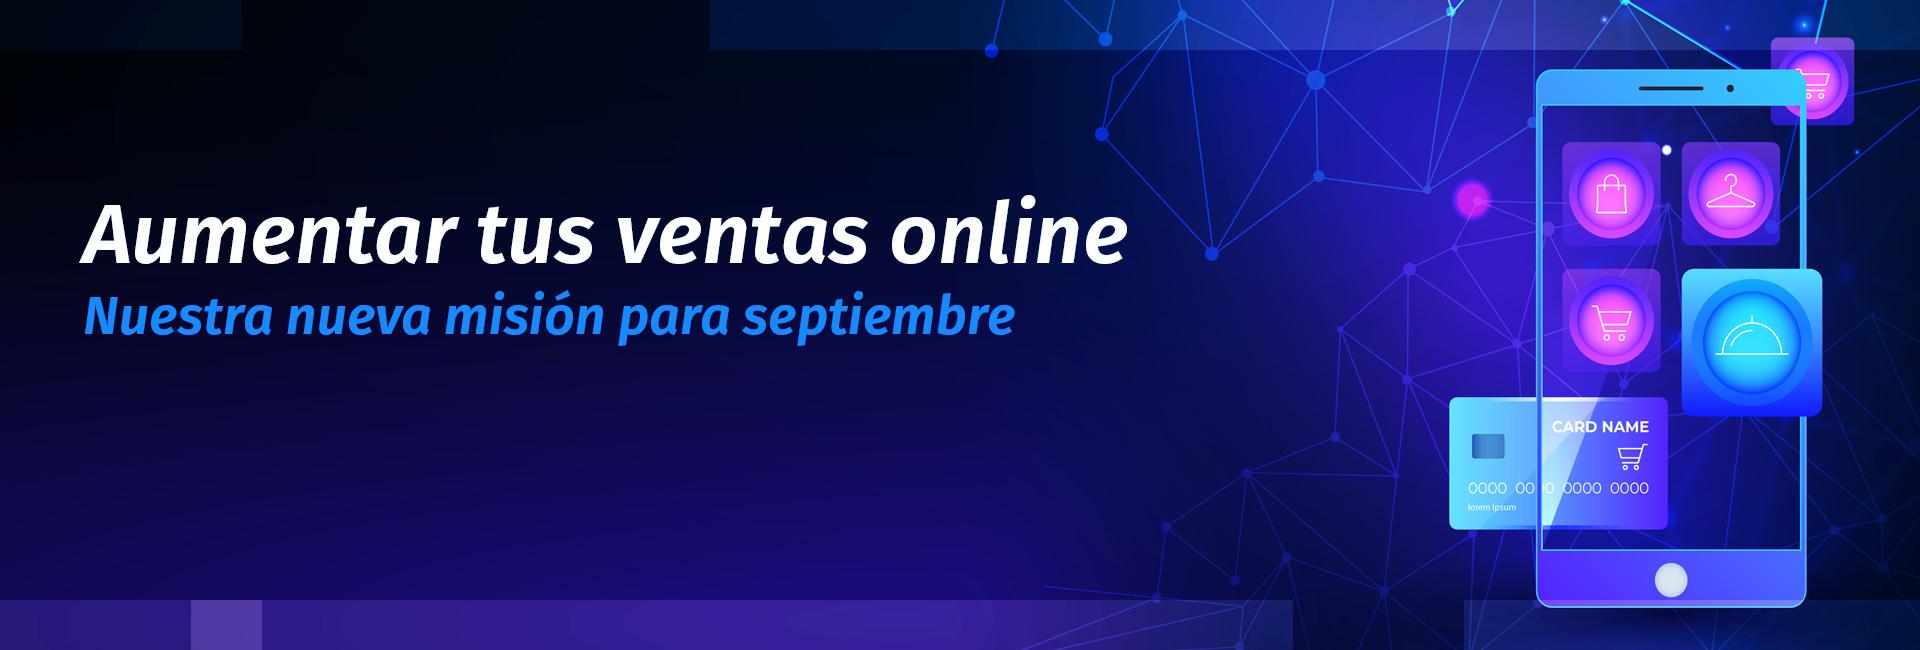 Aumentar tus ventas en eLearning. Nuestra nueva misión para septiembre